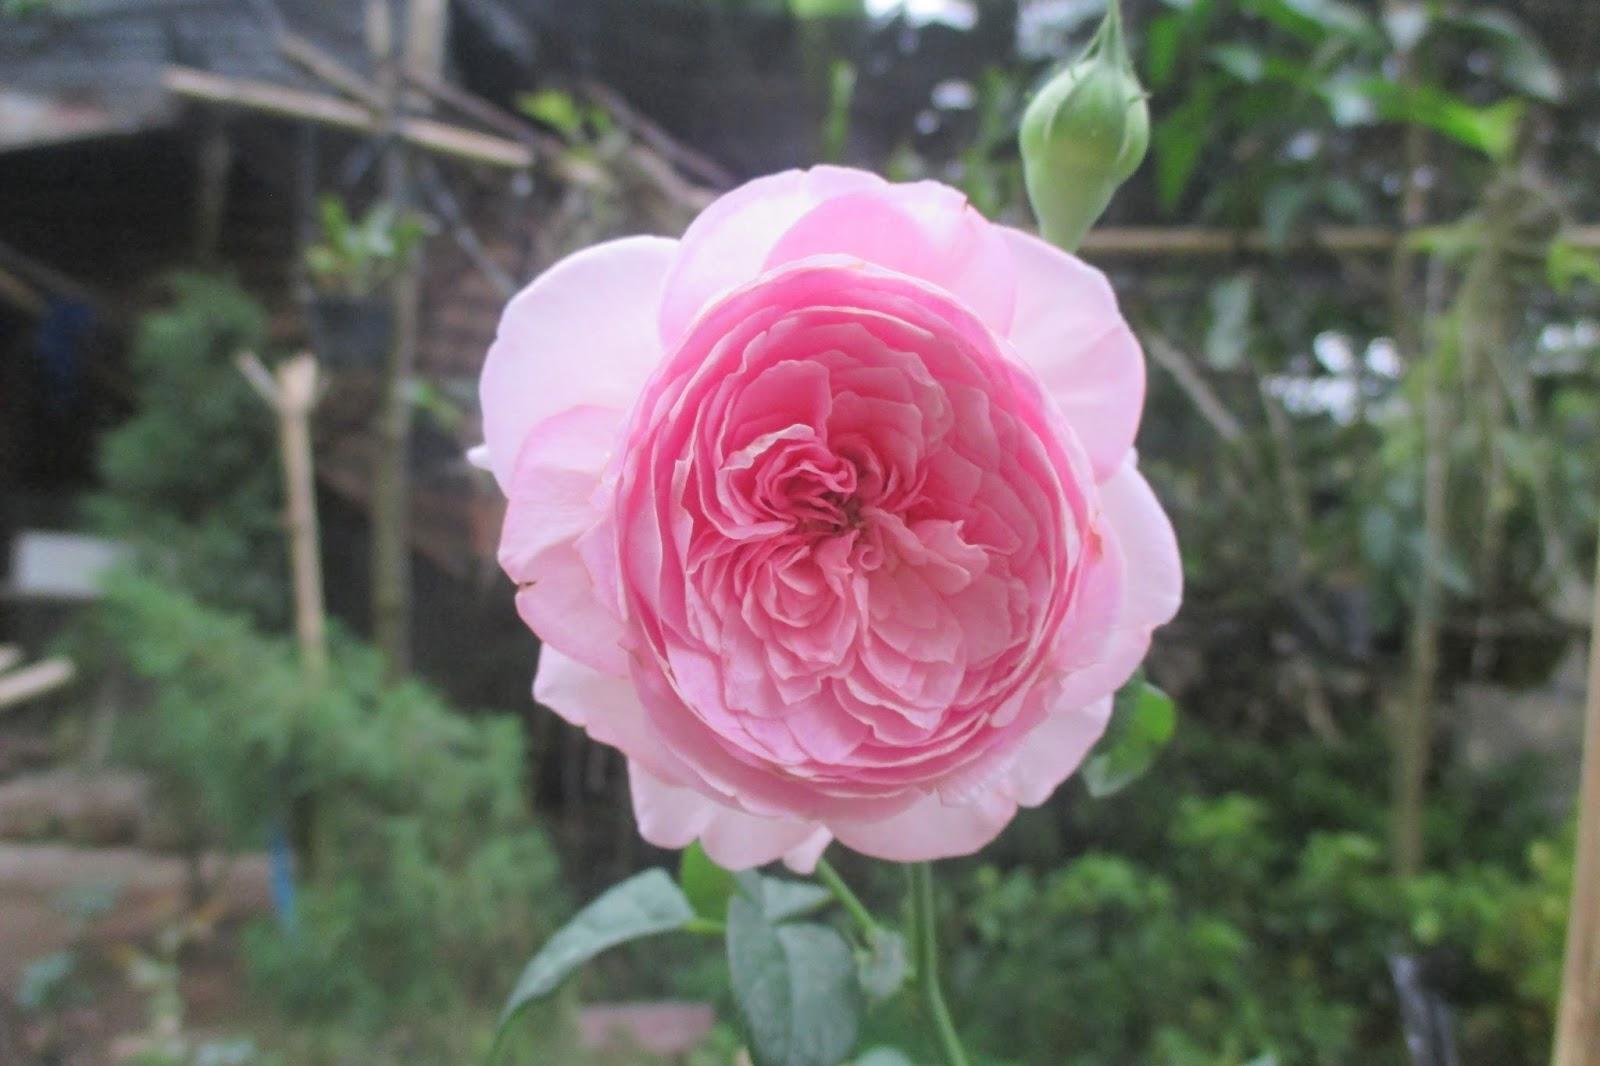 Hoa hồng Mon Coeur (Hồng leo Tuyết Hồng) - Vườn Vân Loan